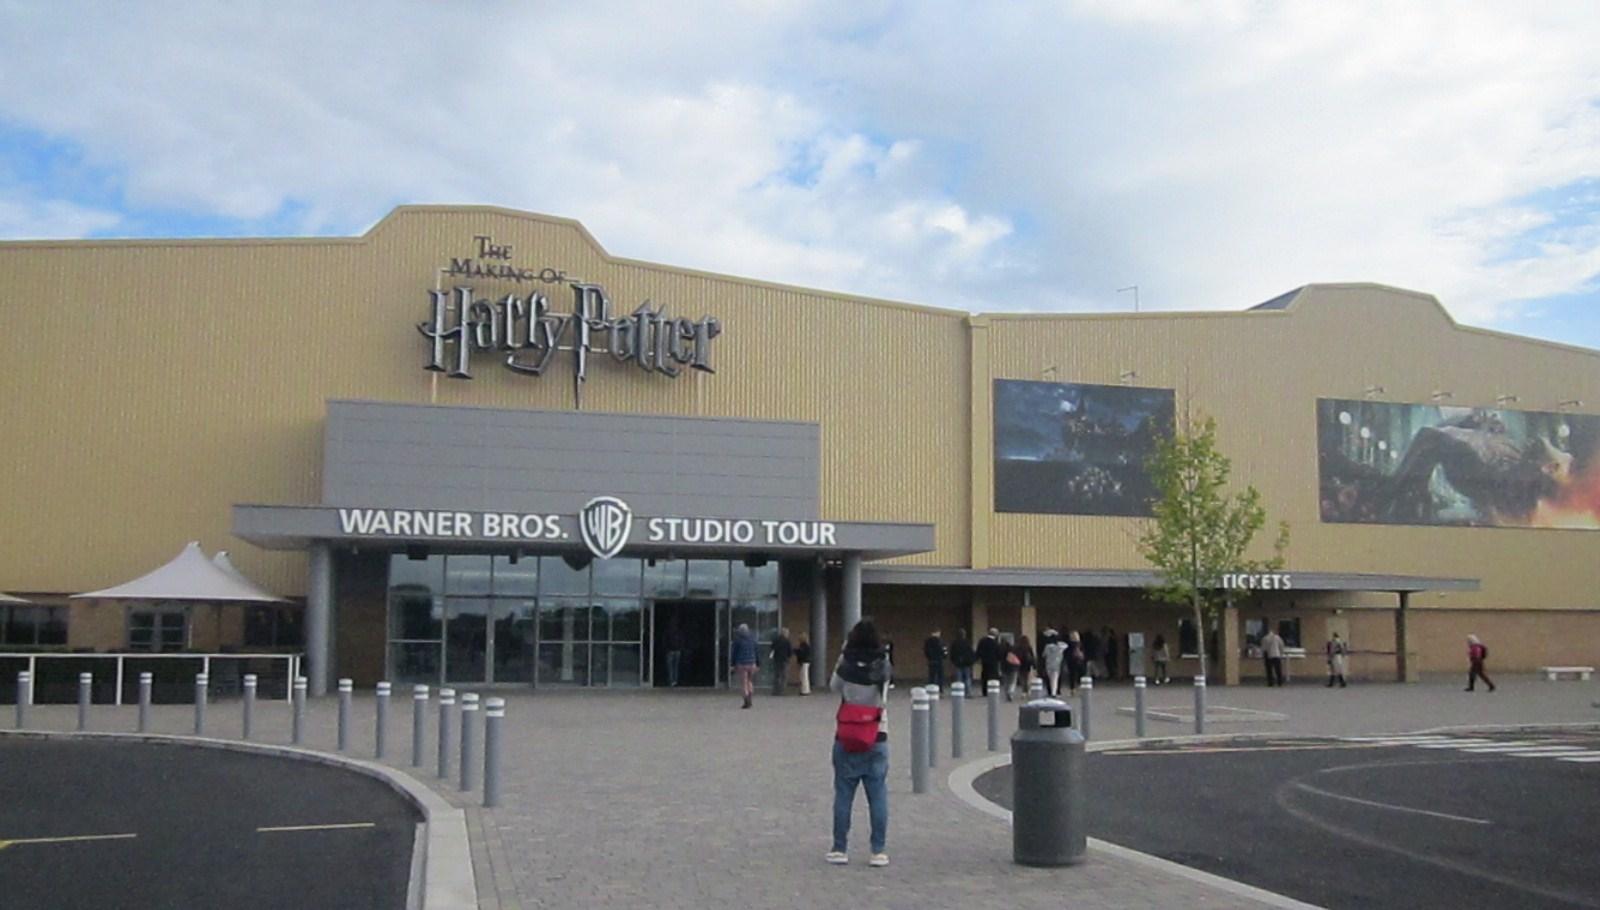 Harry Potter Studio Tour Parking